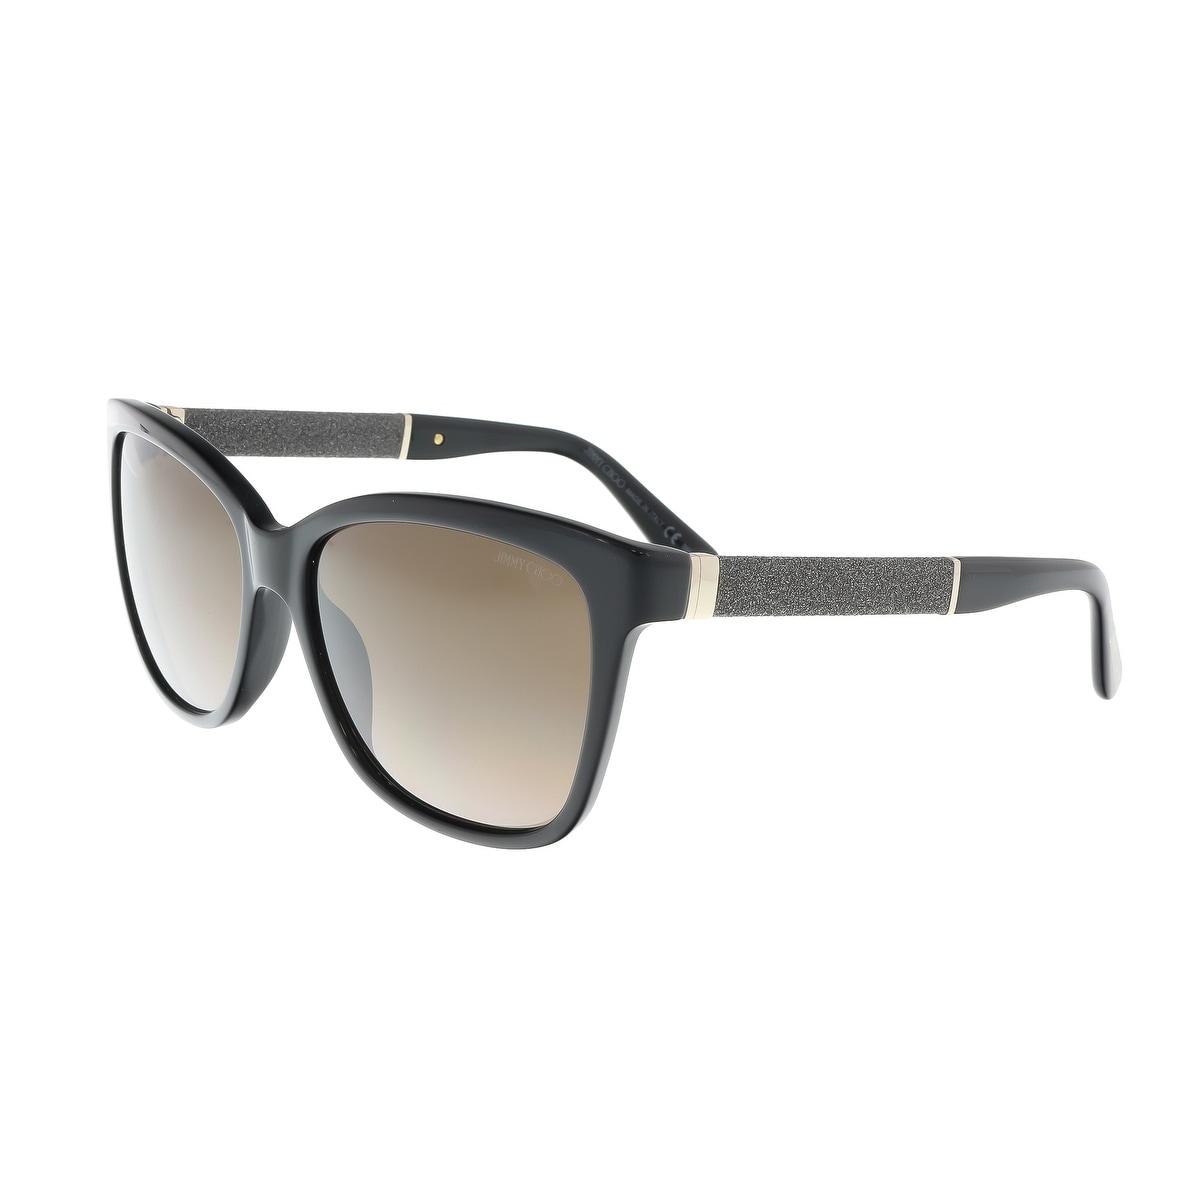 9b2bf6af0158 Jimmy Choo Women s Sunglasses